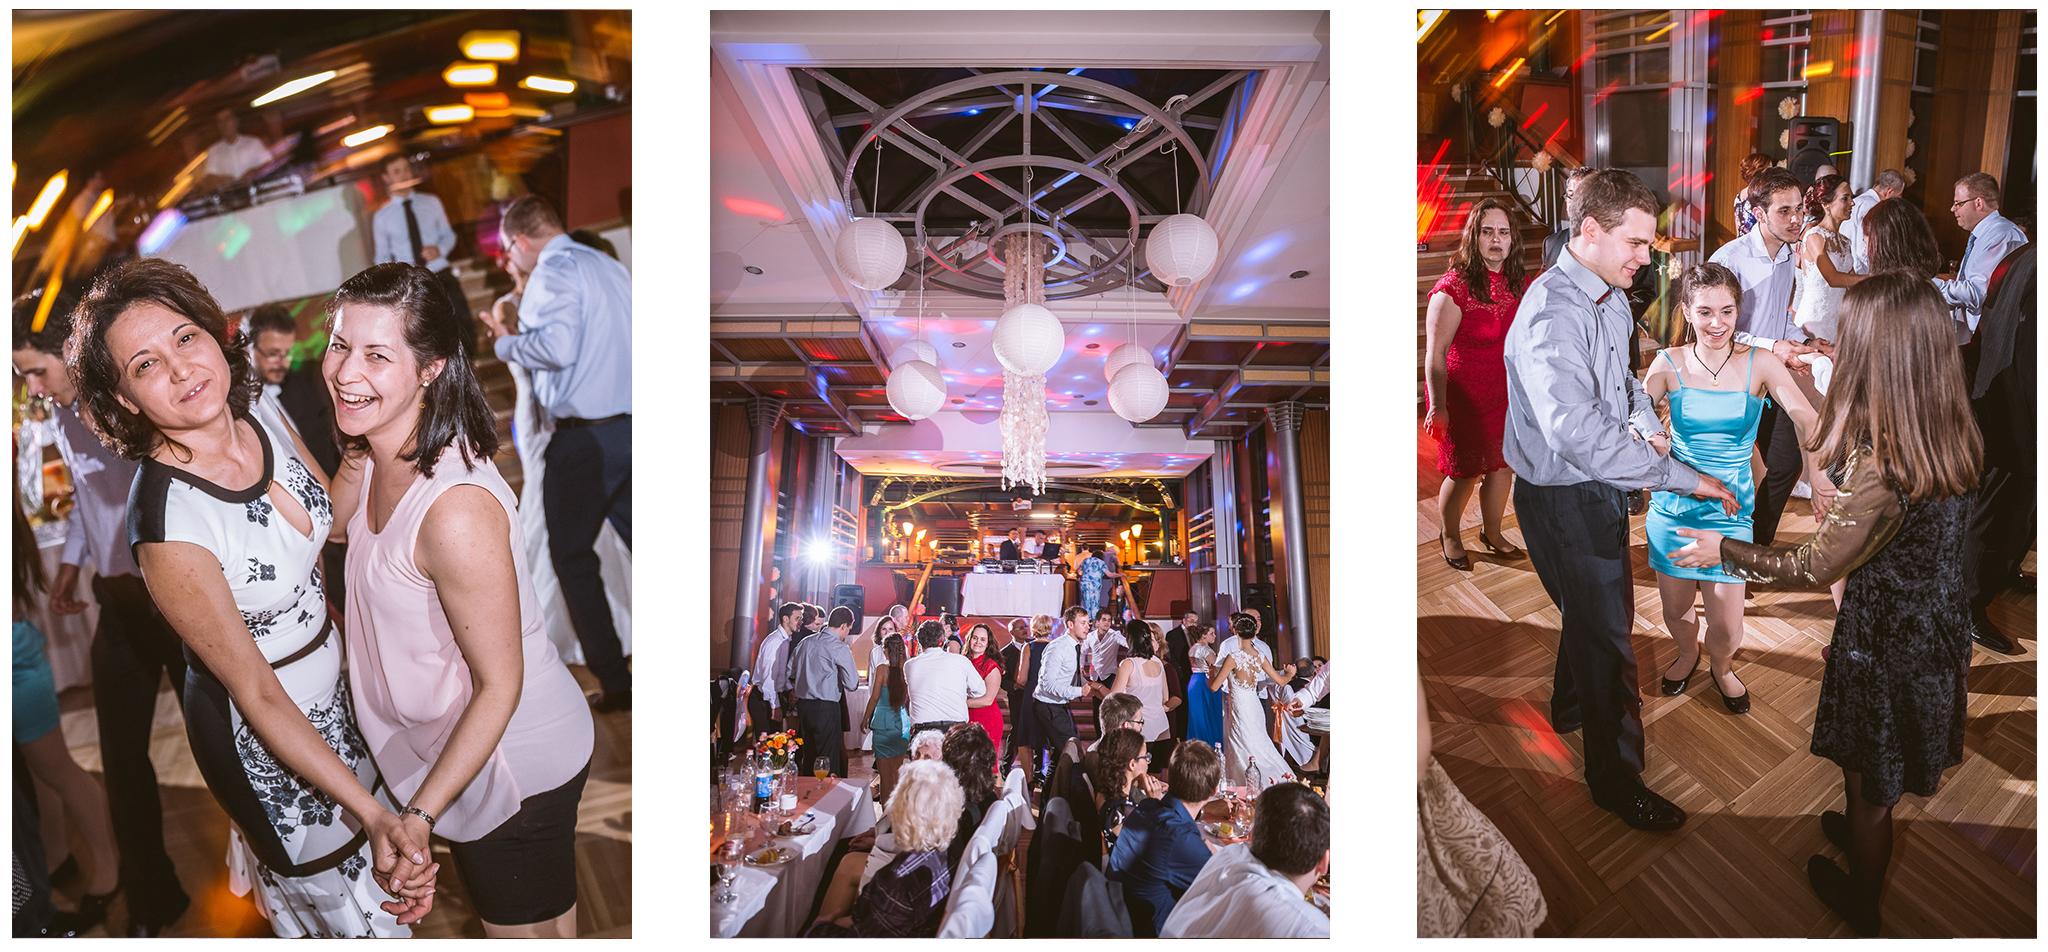 FylepPhoto, esküvőfotós, esküvői fotós Körmend, Szombathely, esküvőfotózás, magyarország, vas megye, prémium, jegyesfotózás, Fülöp Péter, körmend, kreatív, fotográfus_042.jpg